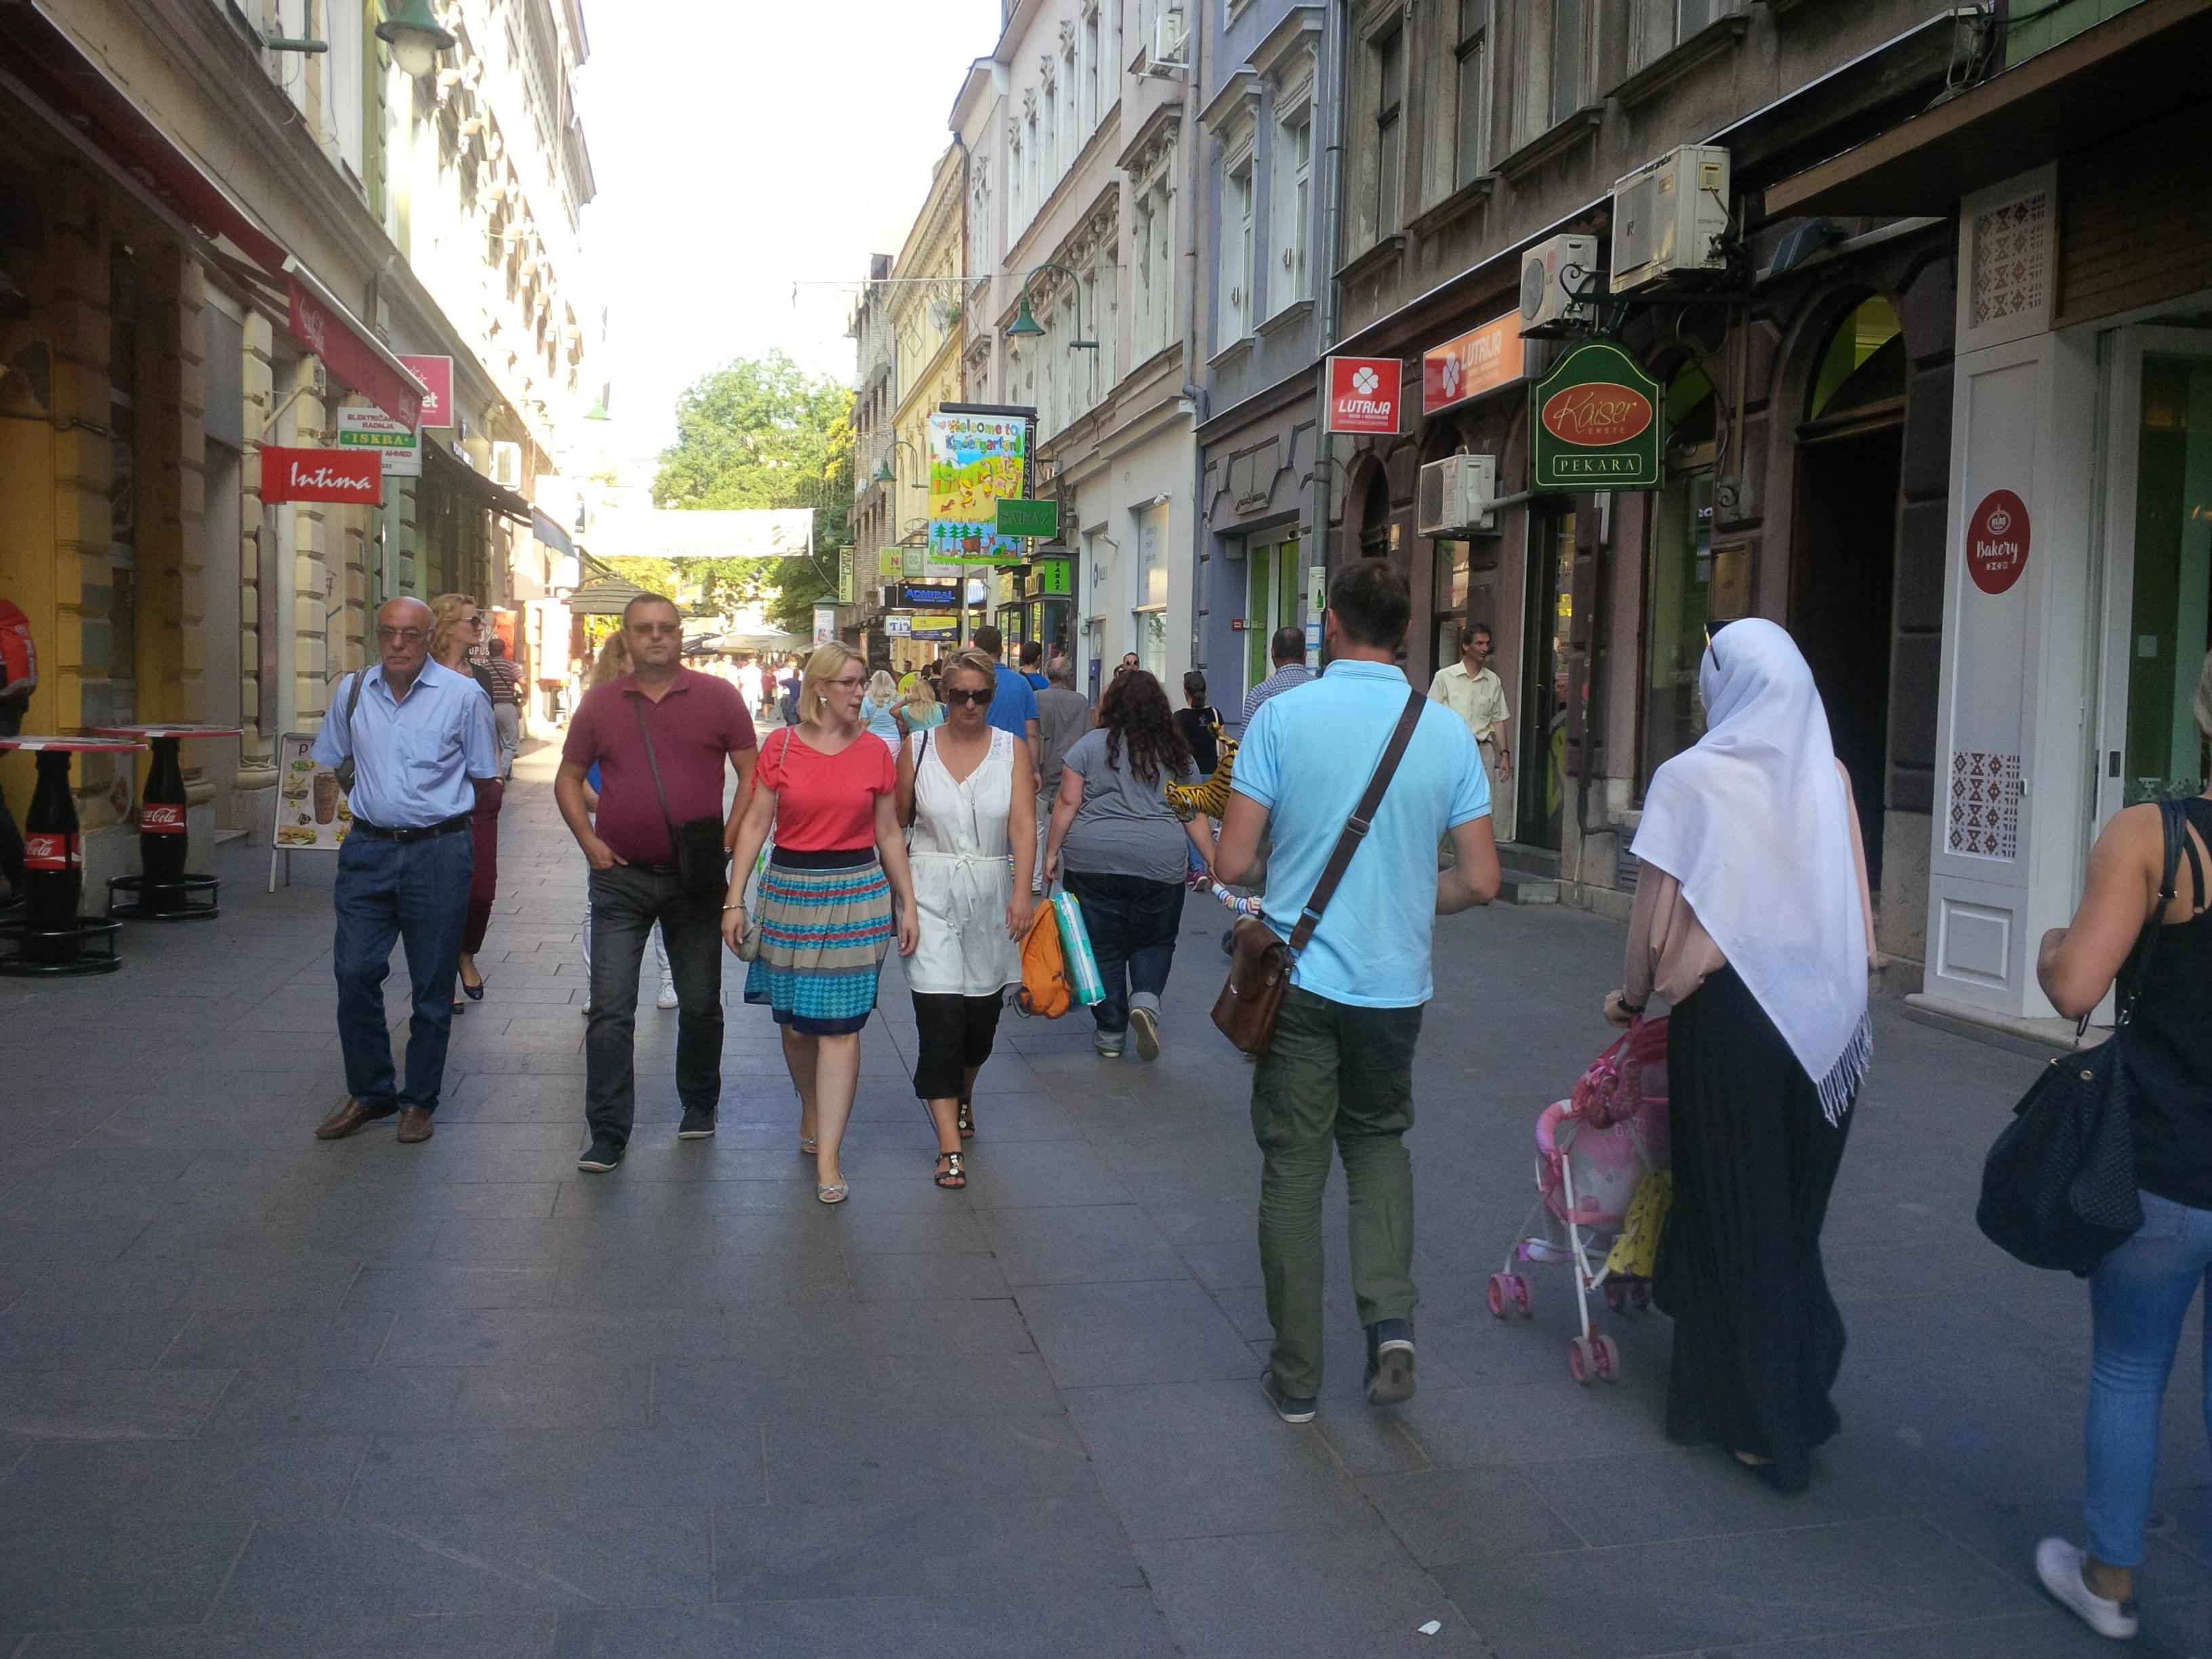 Az óvárosba vezető sétálóutca